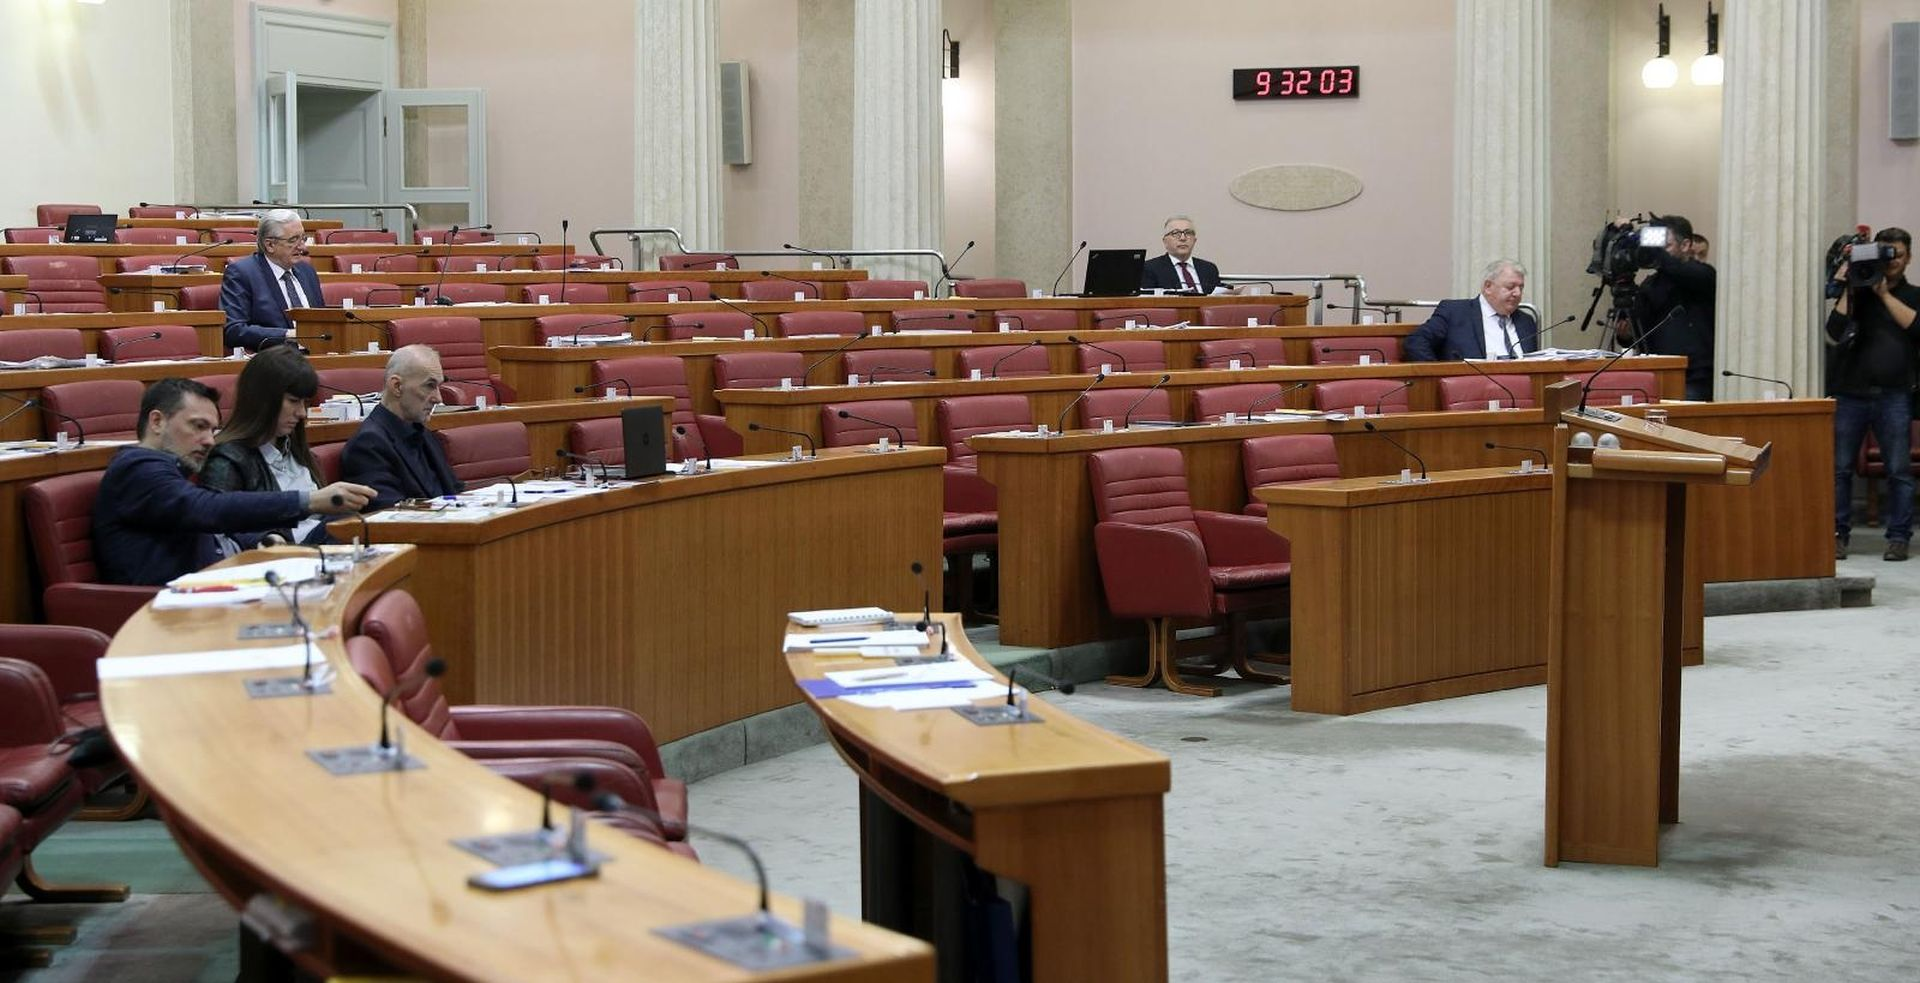 Sabor ovoga tjedna o mirovinskoj reformi, novim udžbenicima